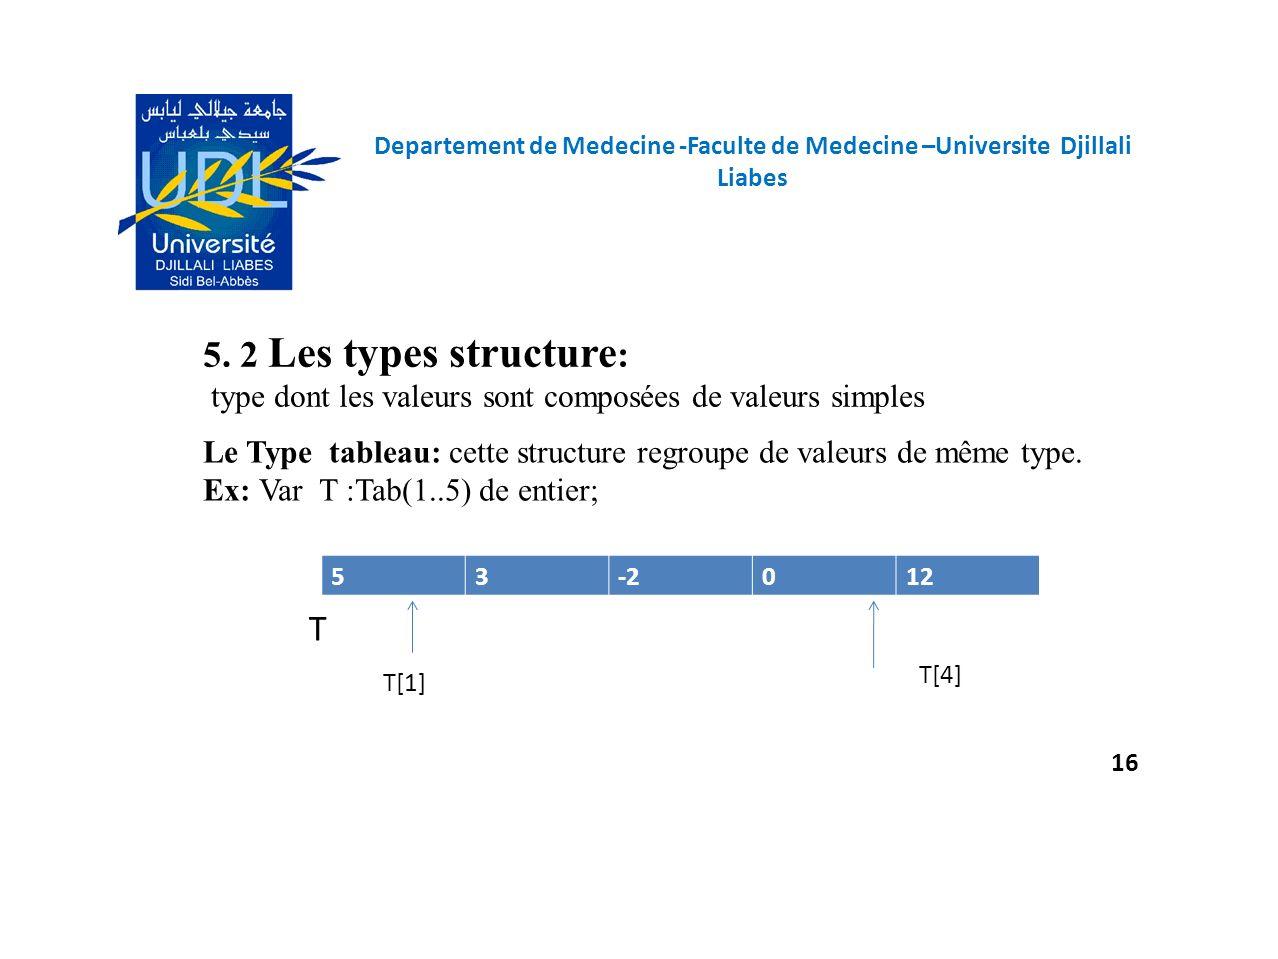 5. 2 Les types structure : type dont les valeurs sont composées de valeurs simples Le Type tableau: cette structure regroupe de valeurs de même type.